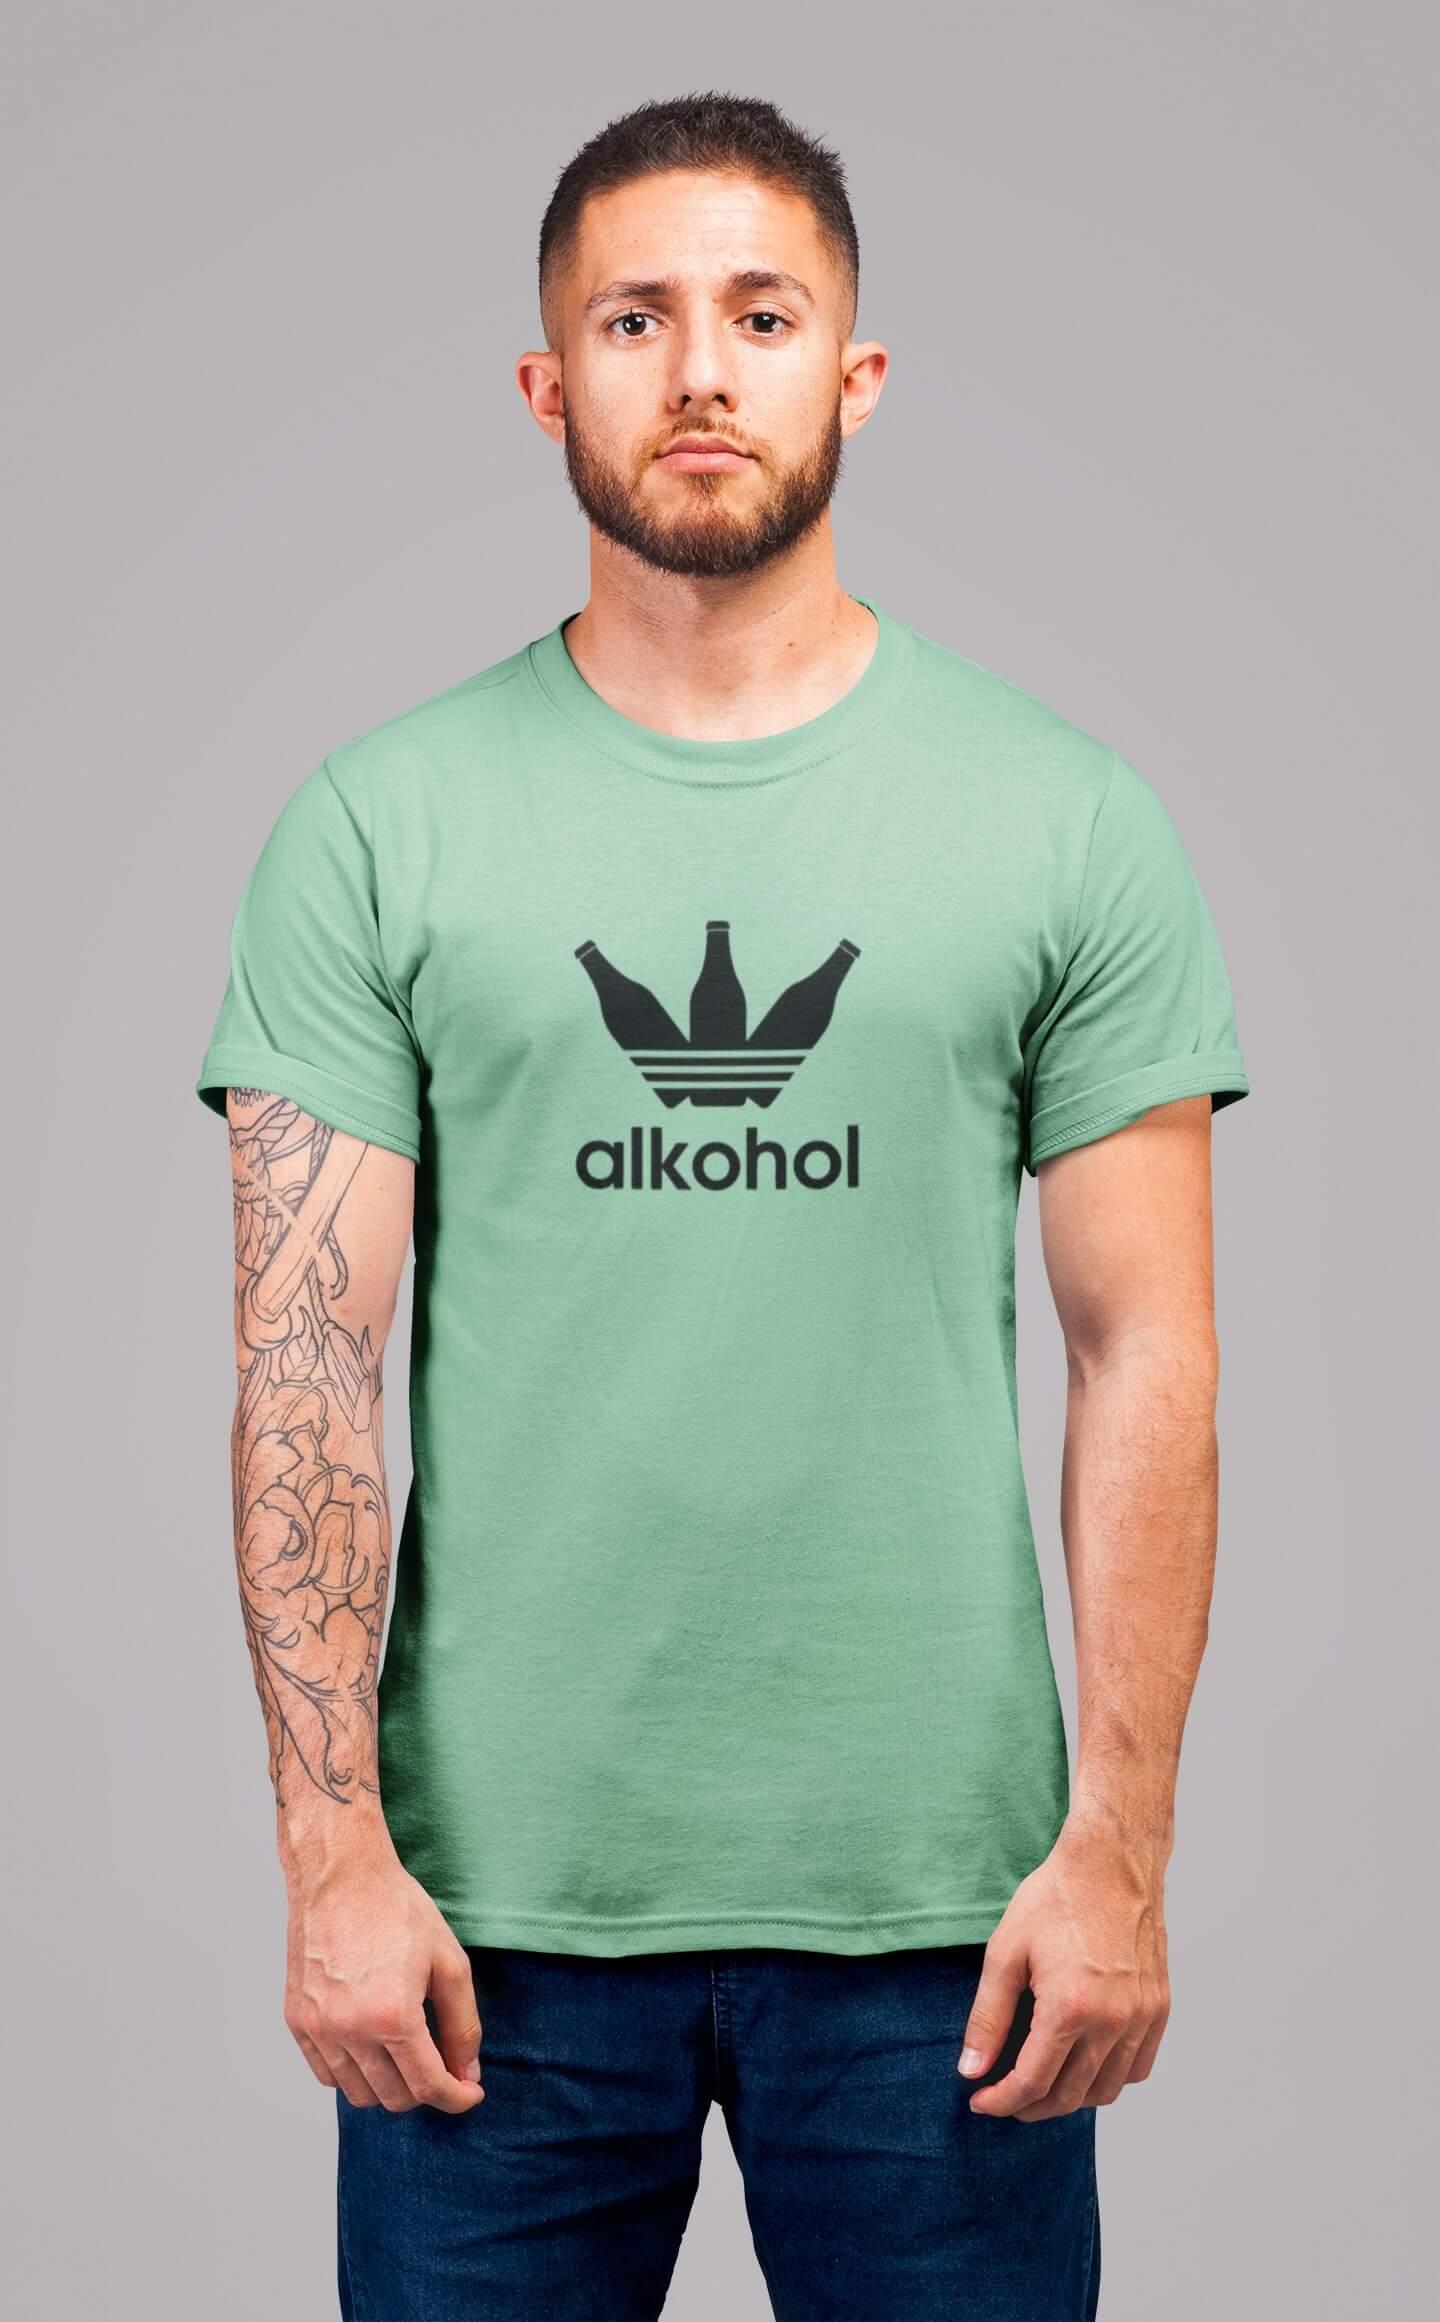 MMO Pánske tričko s flaškami Vyberte farbu: Mätová, Vyberte veľkosť: S